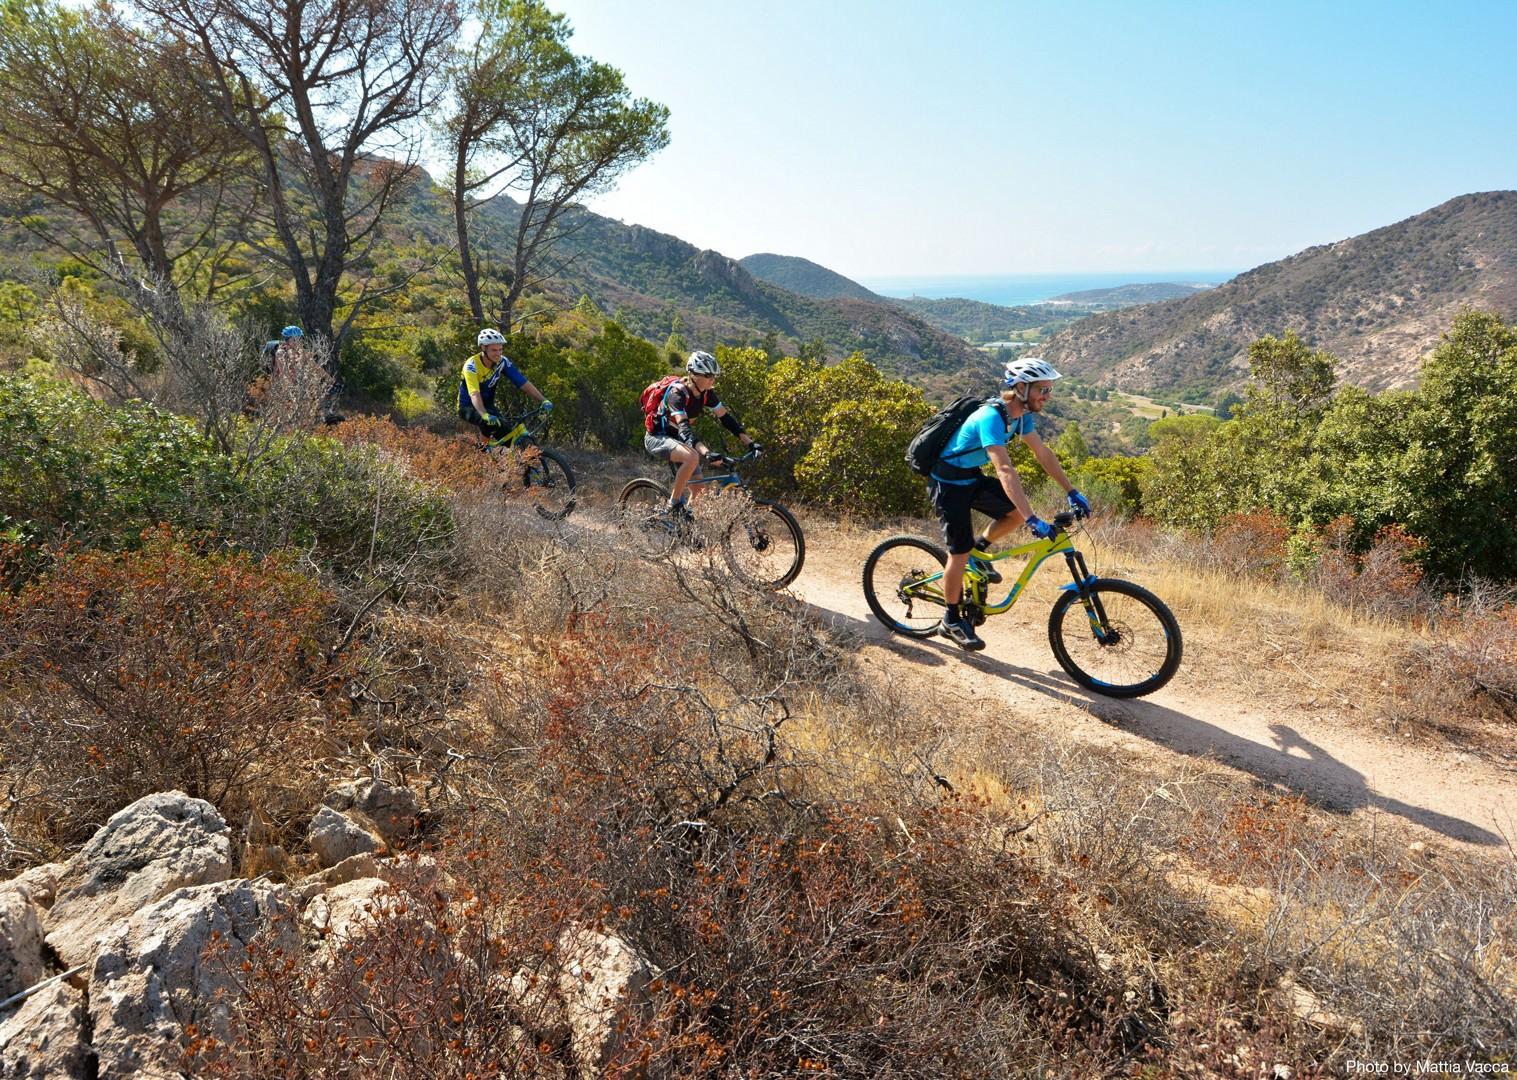 guided-mountain-bike-holiday-italy-sardinia-sardinian-enduro.jpg - Sardinia - Sardinian Enduro - Guided Mountain Bike Holiday - Italia Mountain Biking